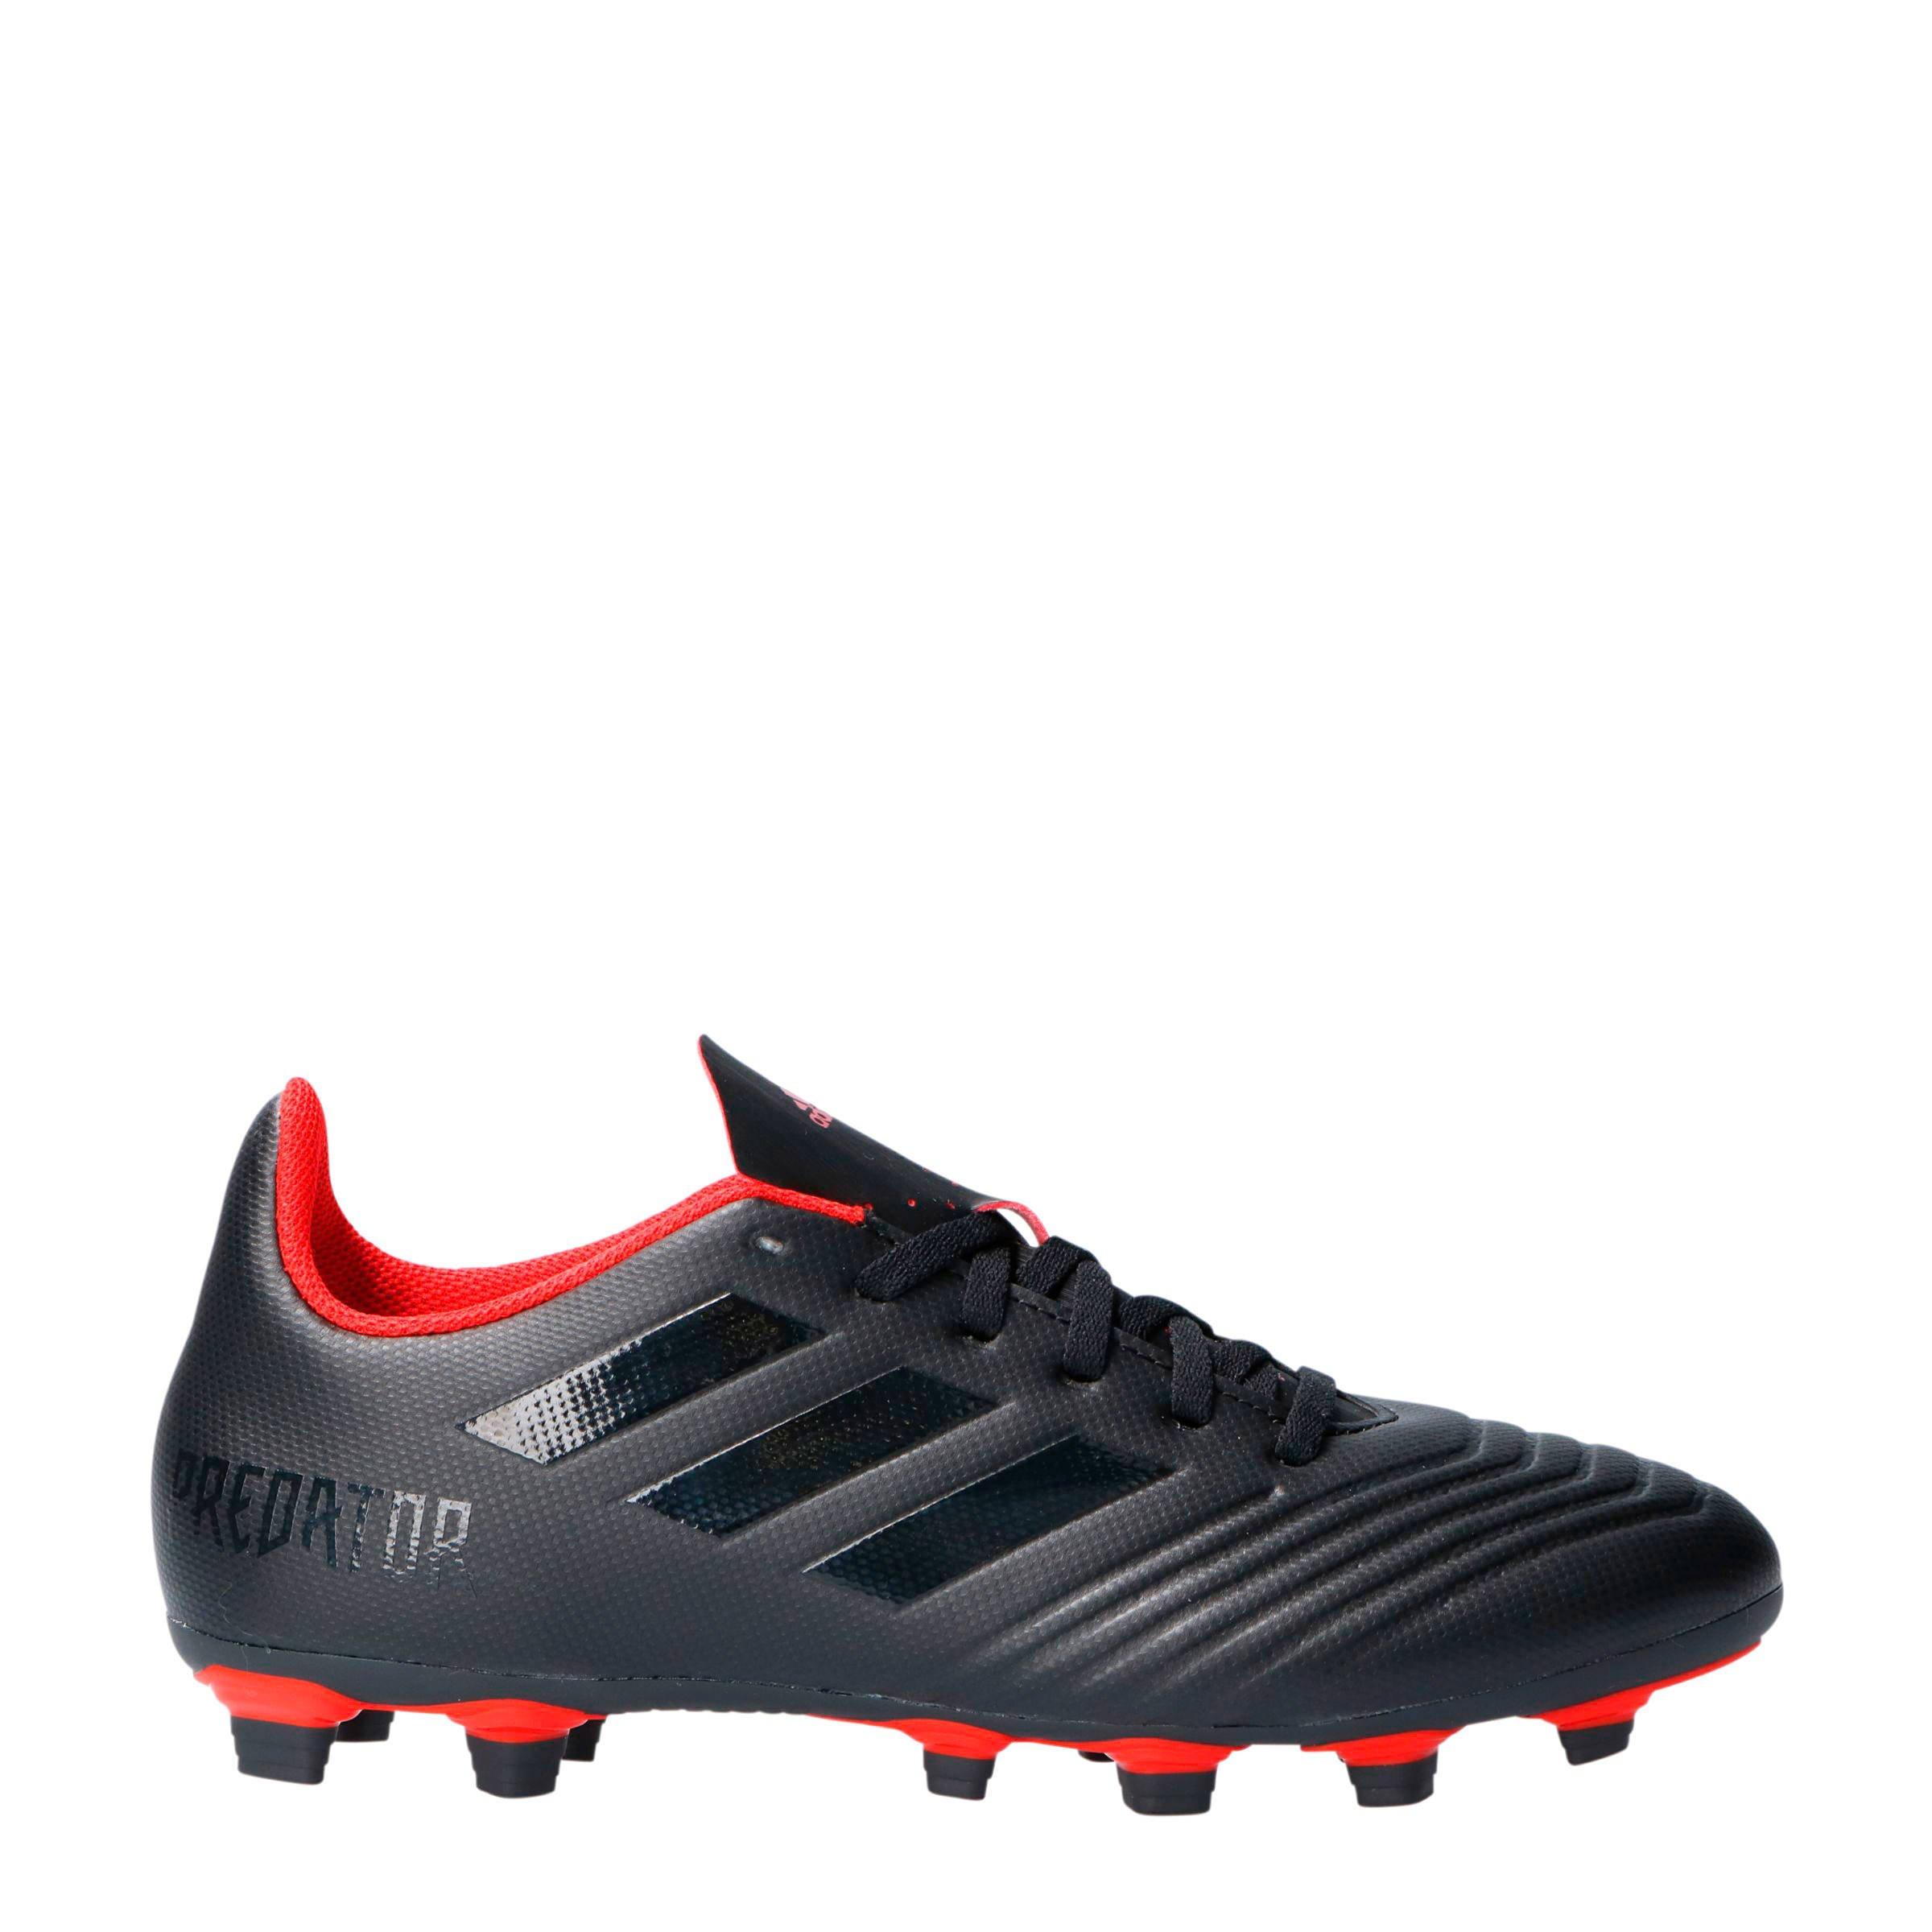 adidas voetbalschoenen predator zwart rood